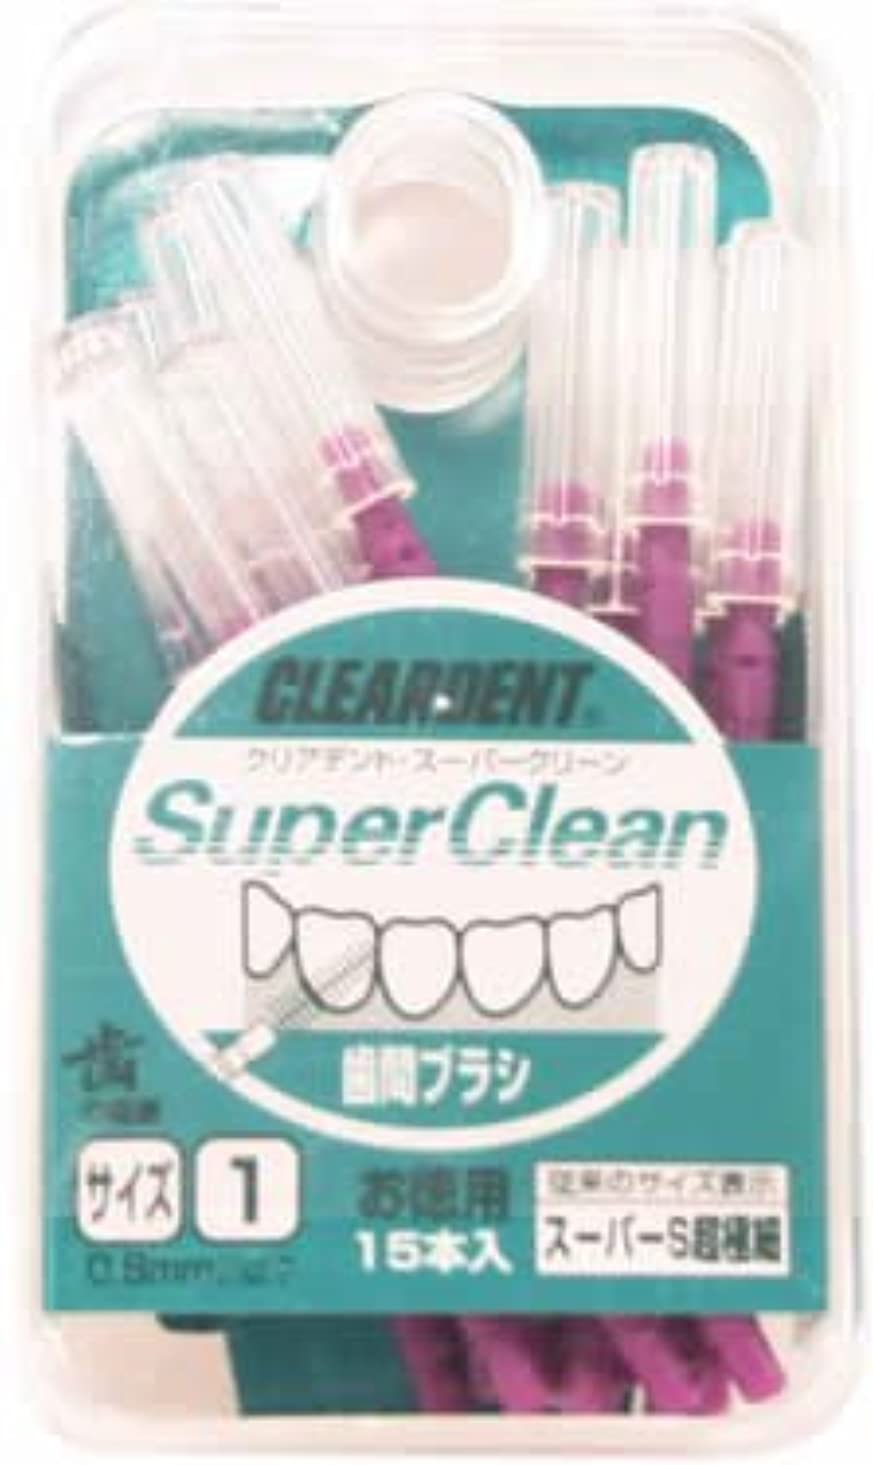 誇り見出し前件クリアデント歯間ブラシ(お徳用) サイズ1超極細 15本入パープル